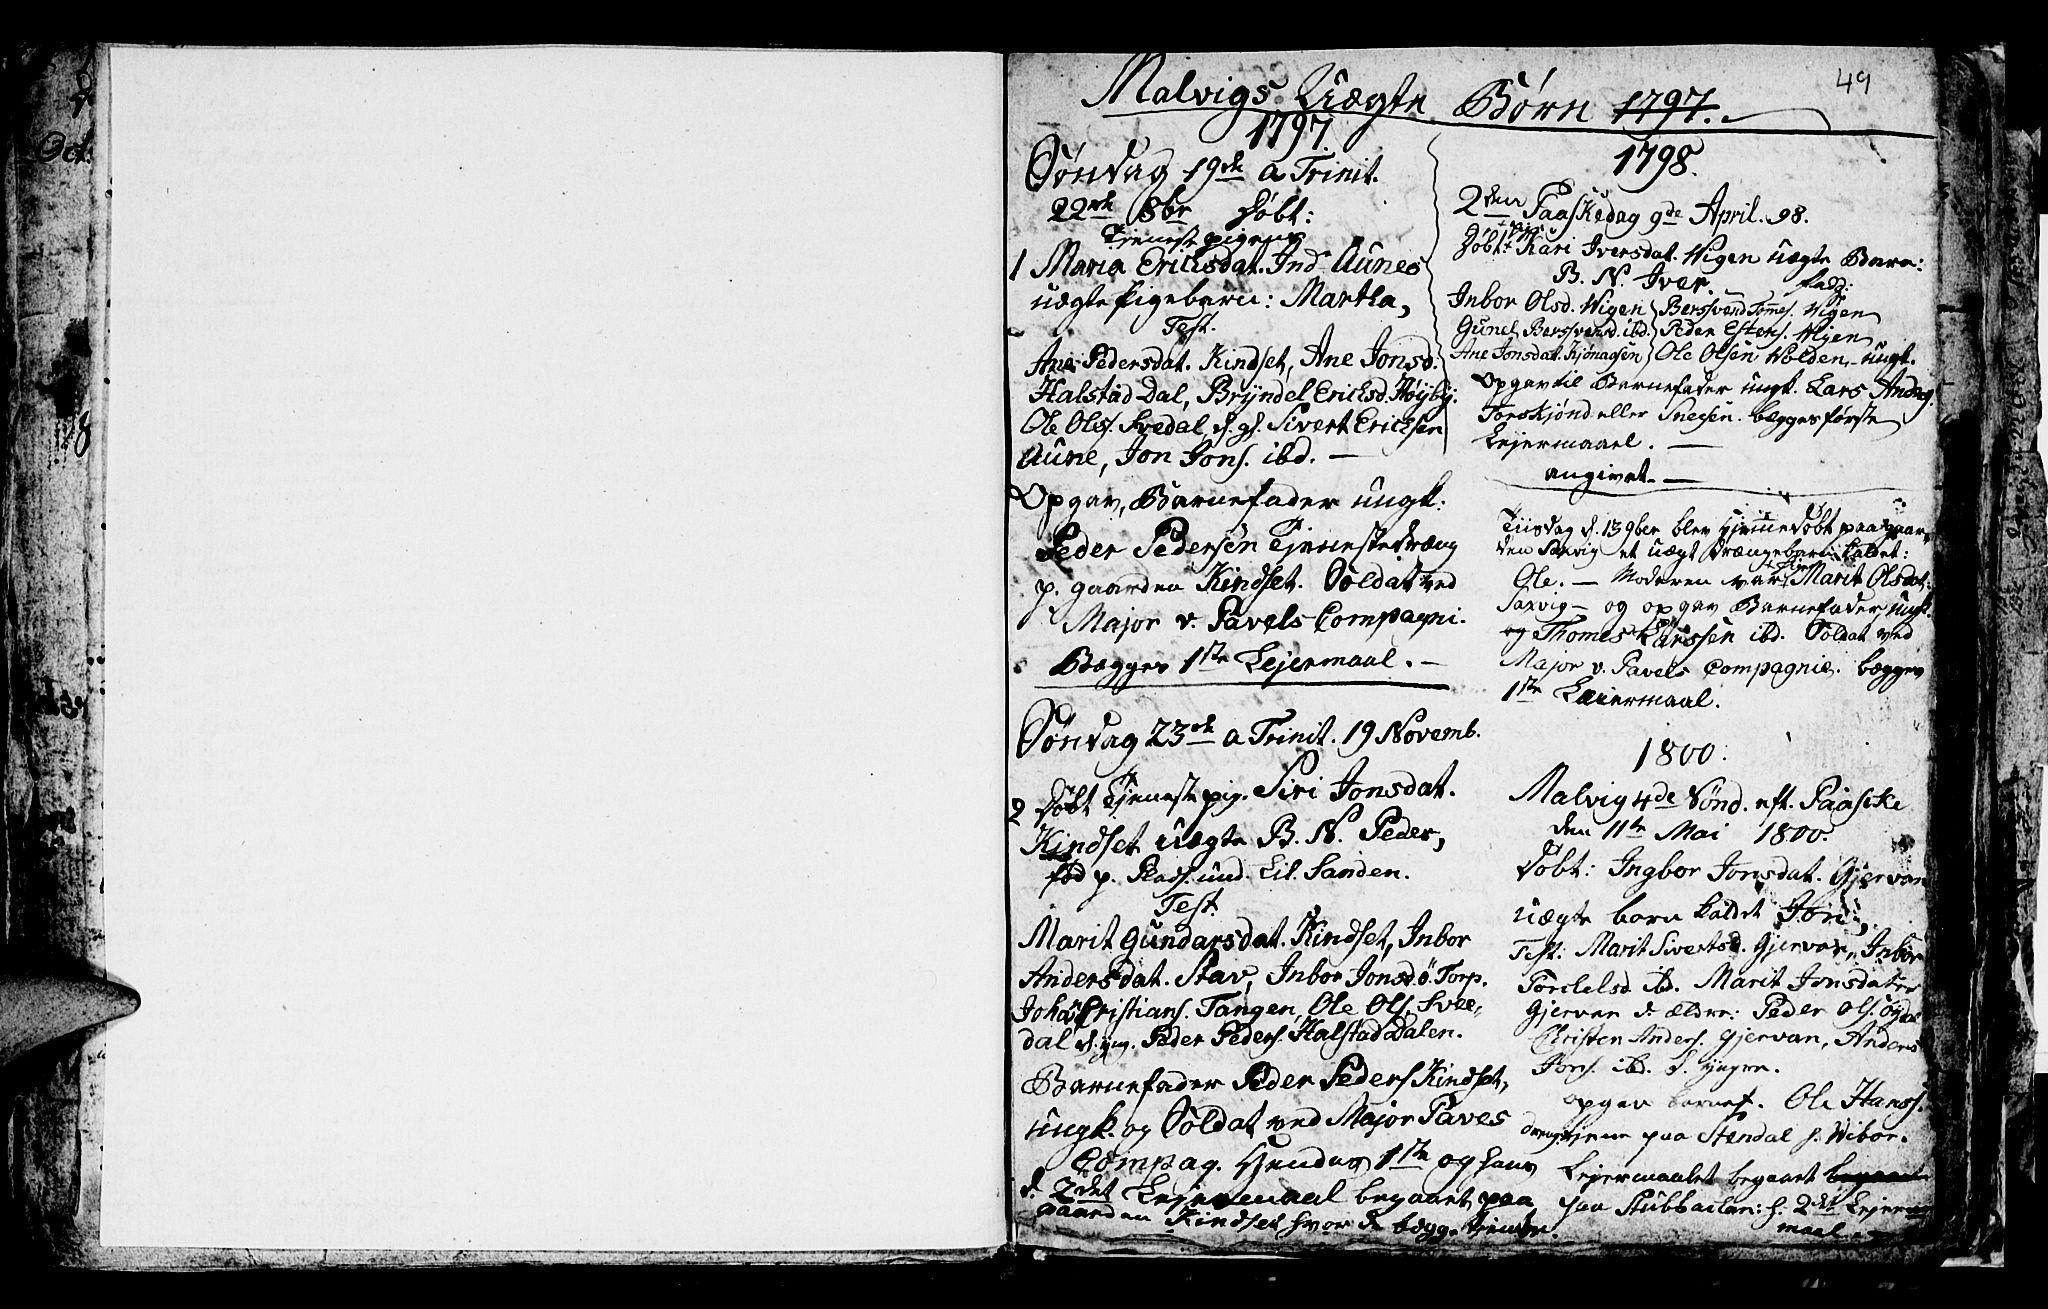 SAT, Ministerialprotokoller, klokkerbøker og fødselsregistre - Sør-Trøndelag, 616/L0419: Klokkerbok nr. 616C02, 1797-1816, s. 49